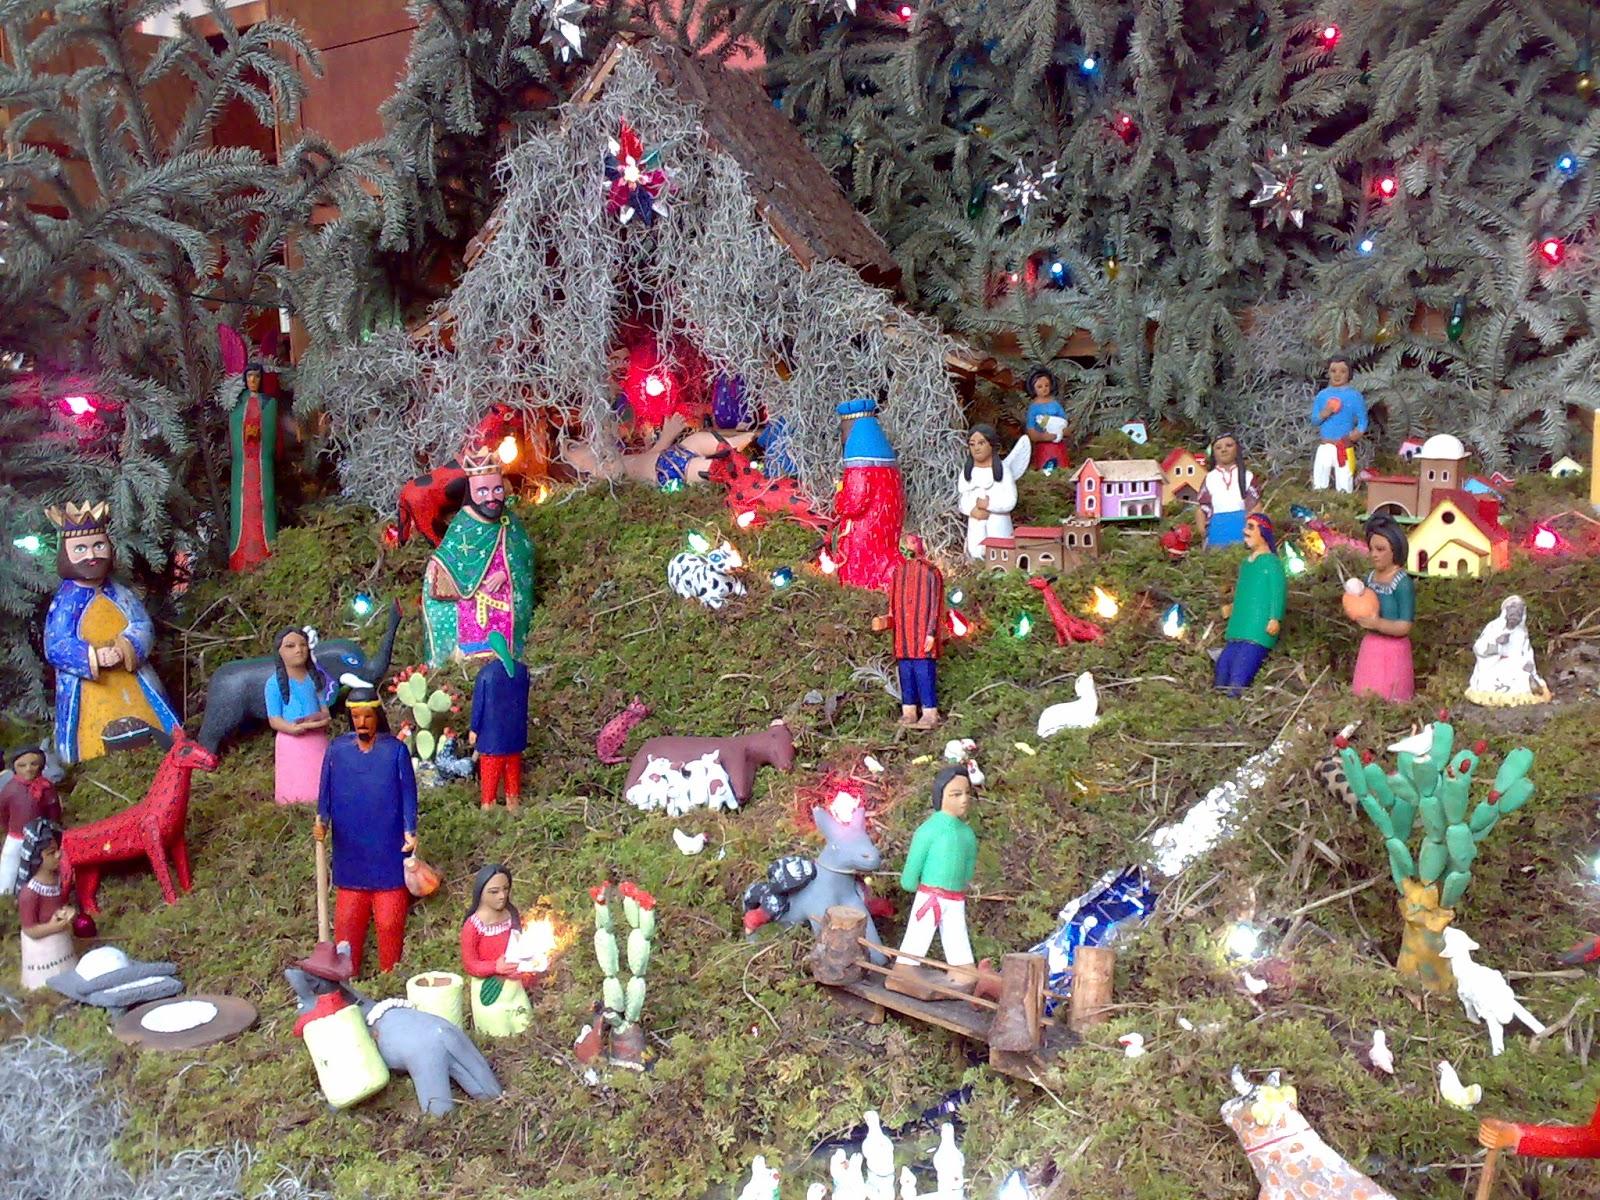 Las tradiciones navide as mexicanas y el uso de la for Figuras de nieve navidenas